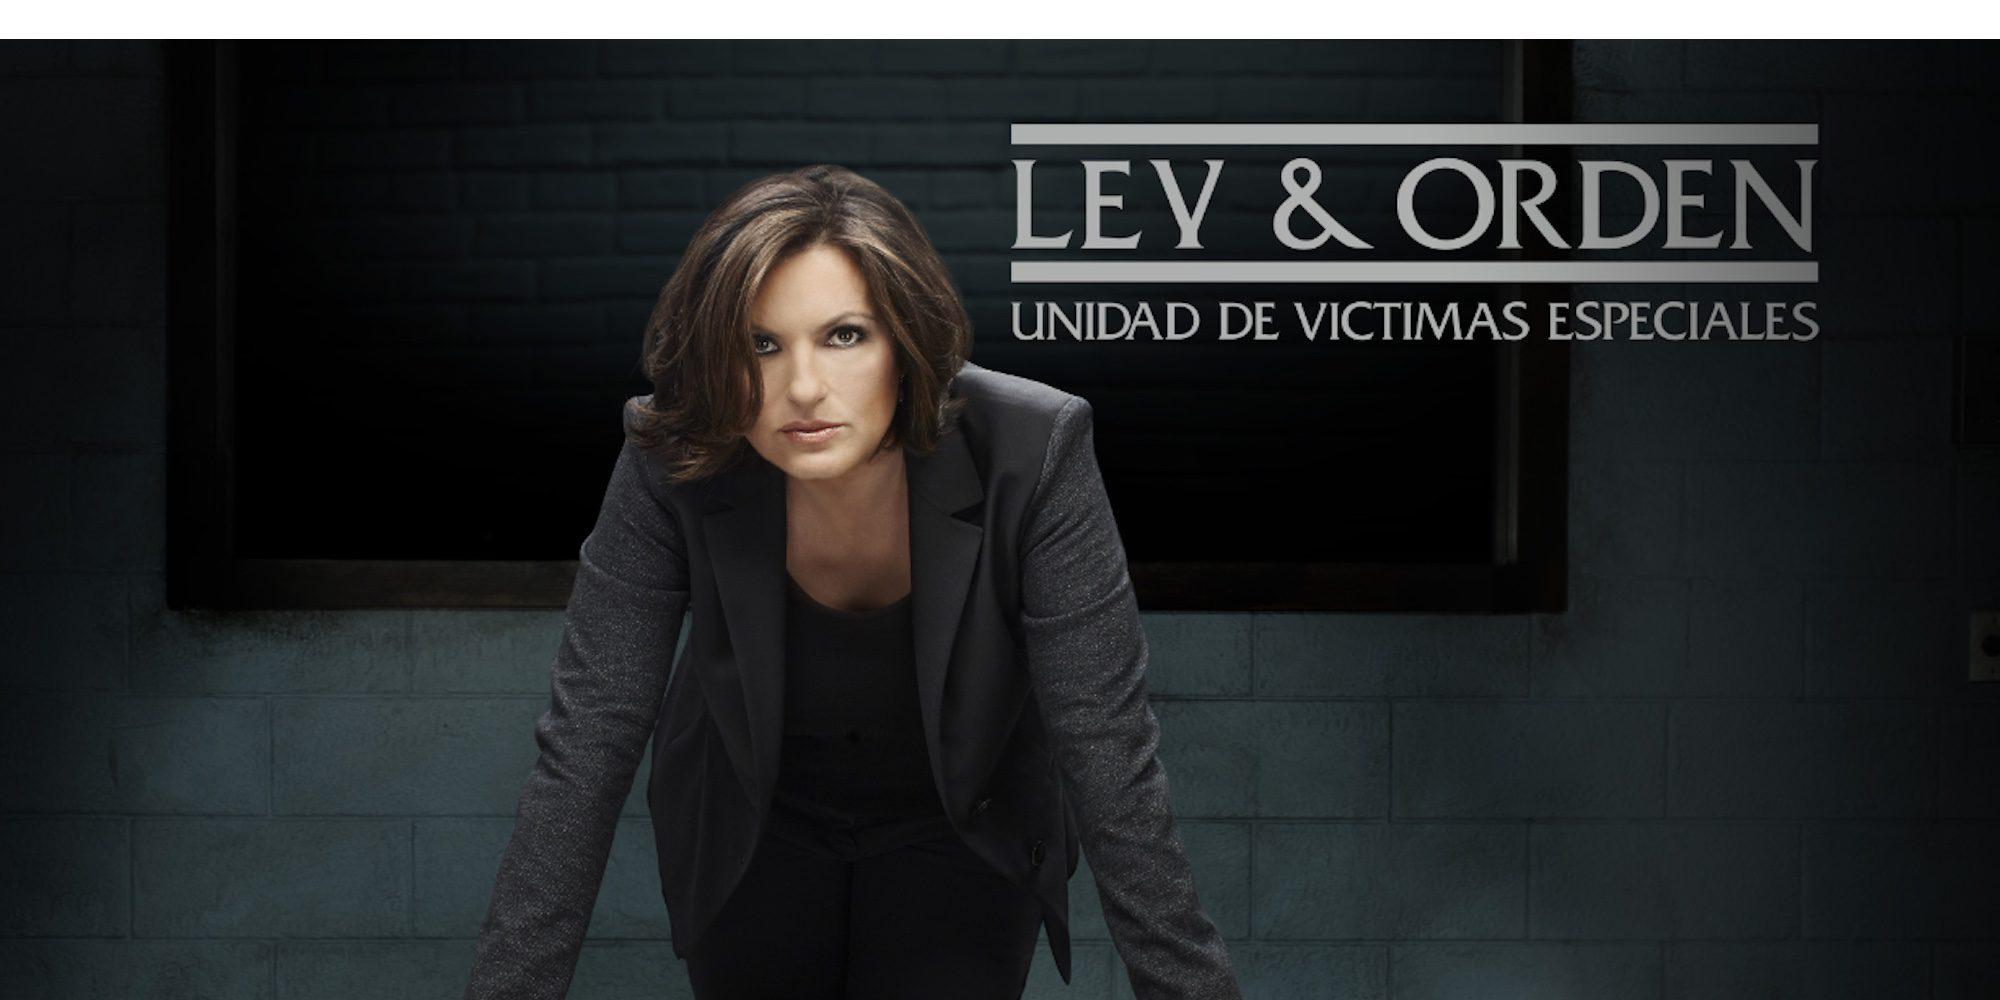 'Ley y Orden' prepara un capítulo basado en Harvey Weinstein